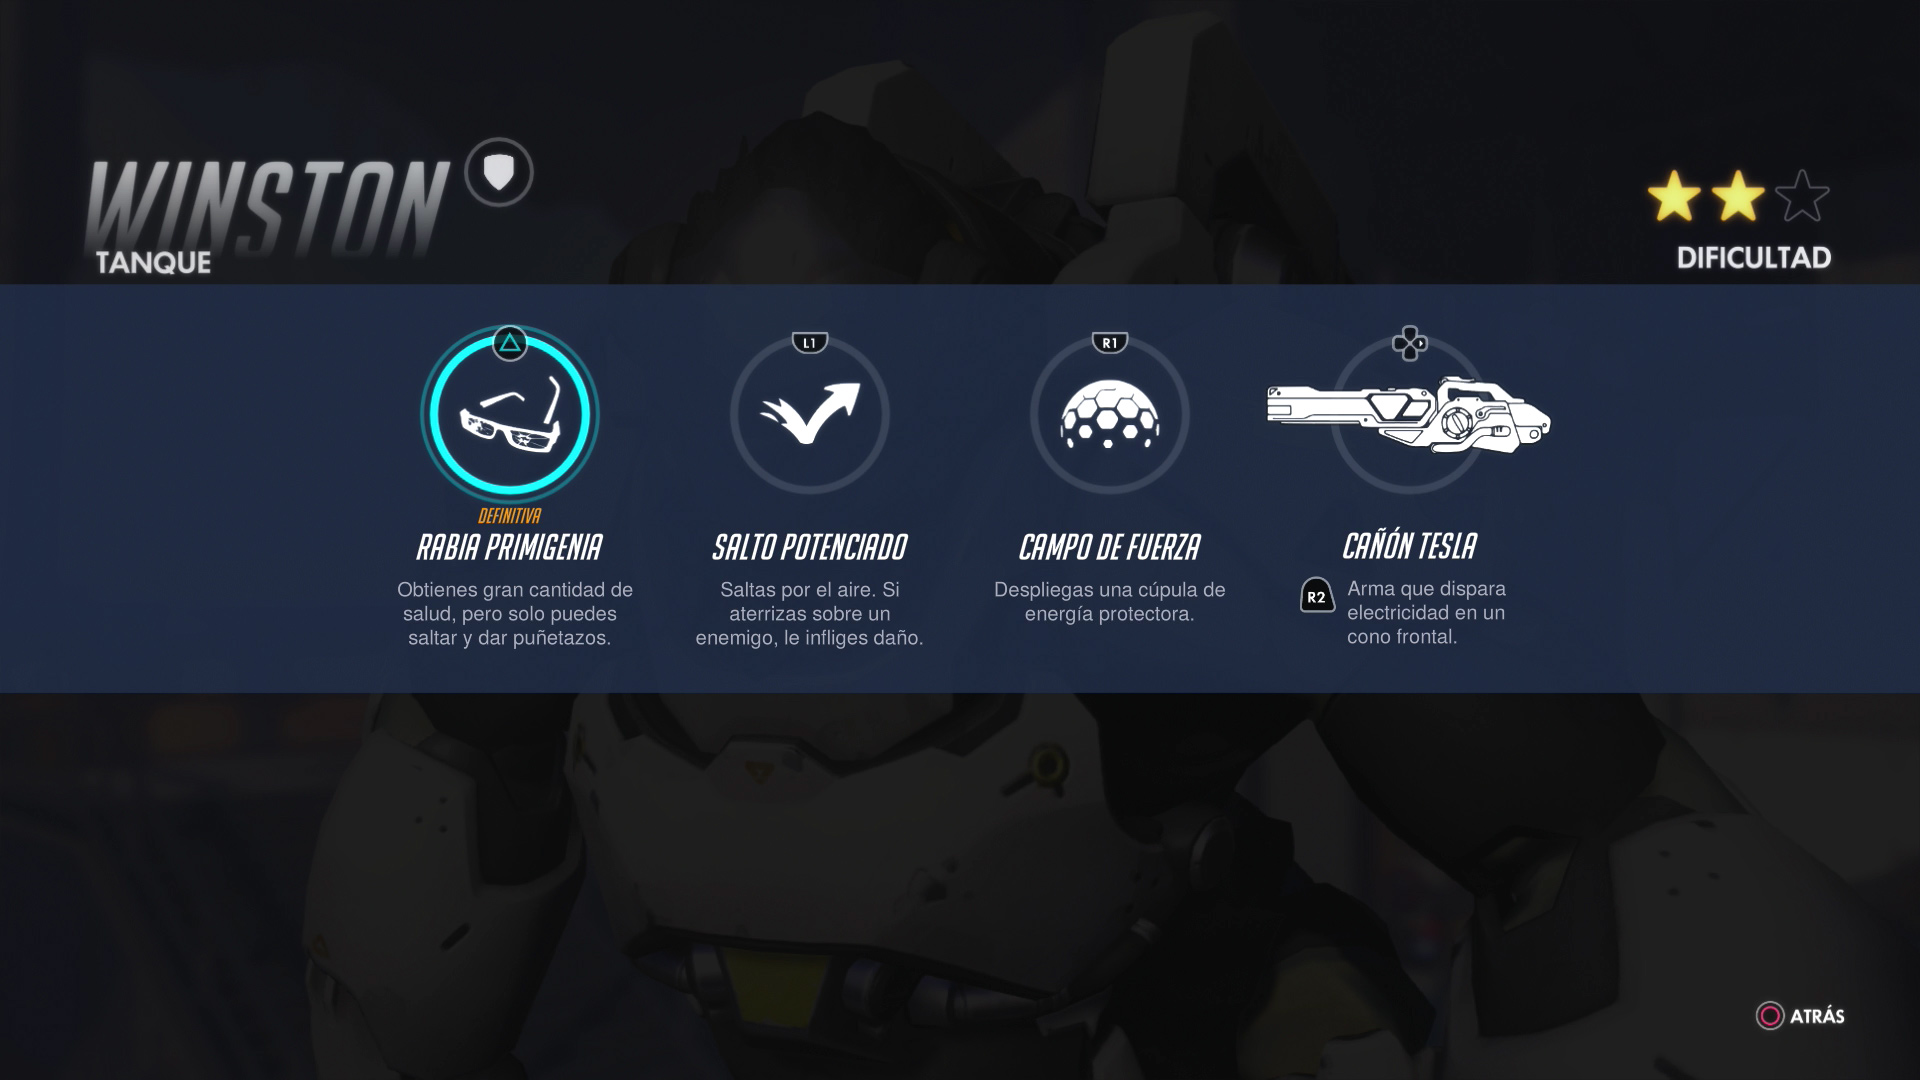 Personajes de Overwatch - Winston